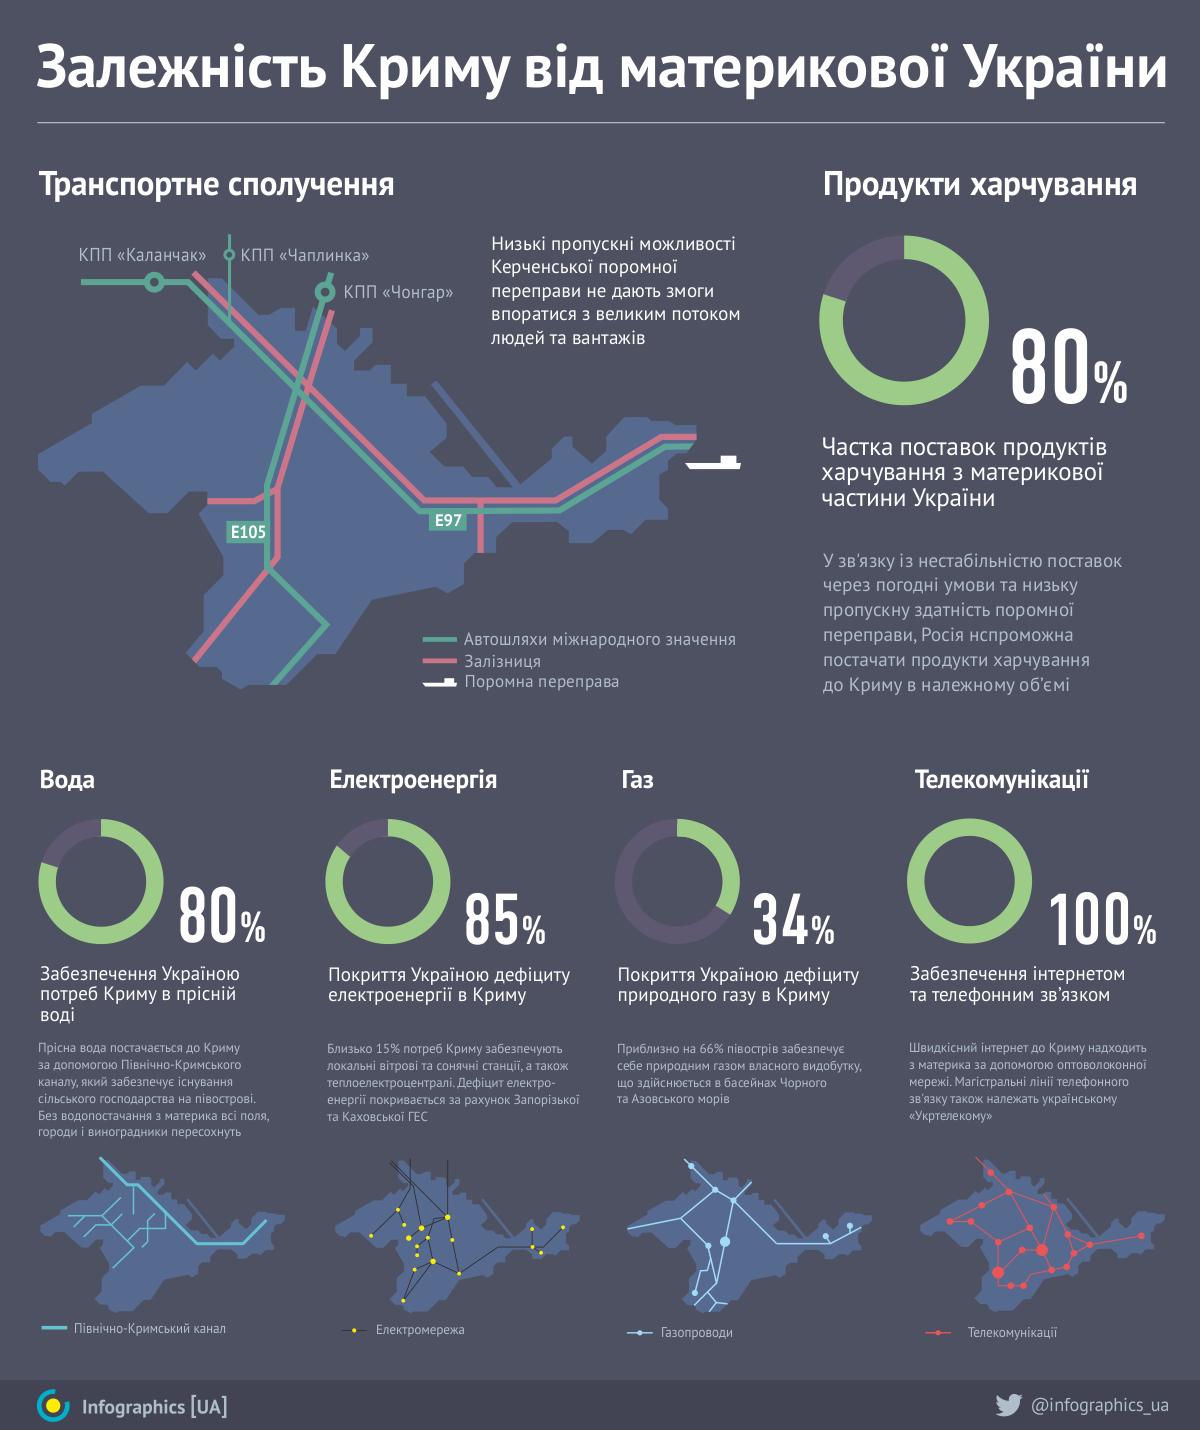 Украине не нужны дополнительные поставки российского газа, - Демчишин - Цензор.НЕТ 2162